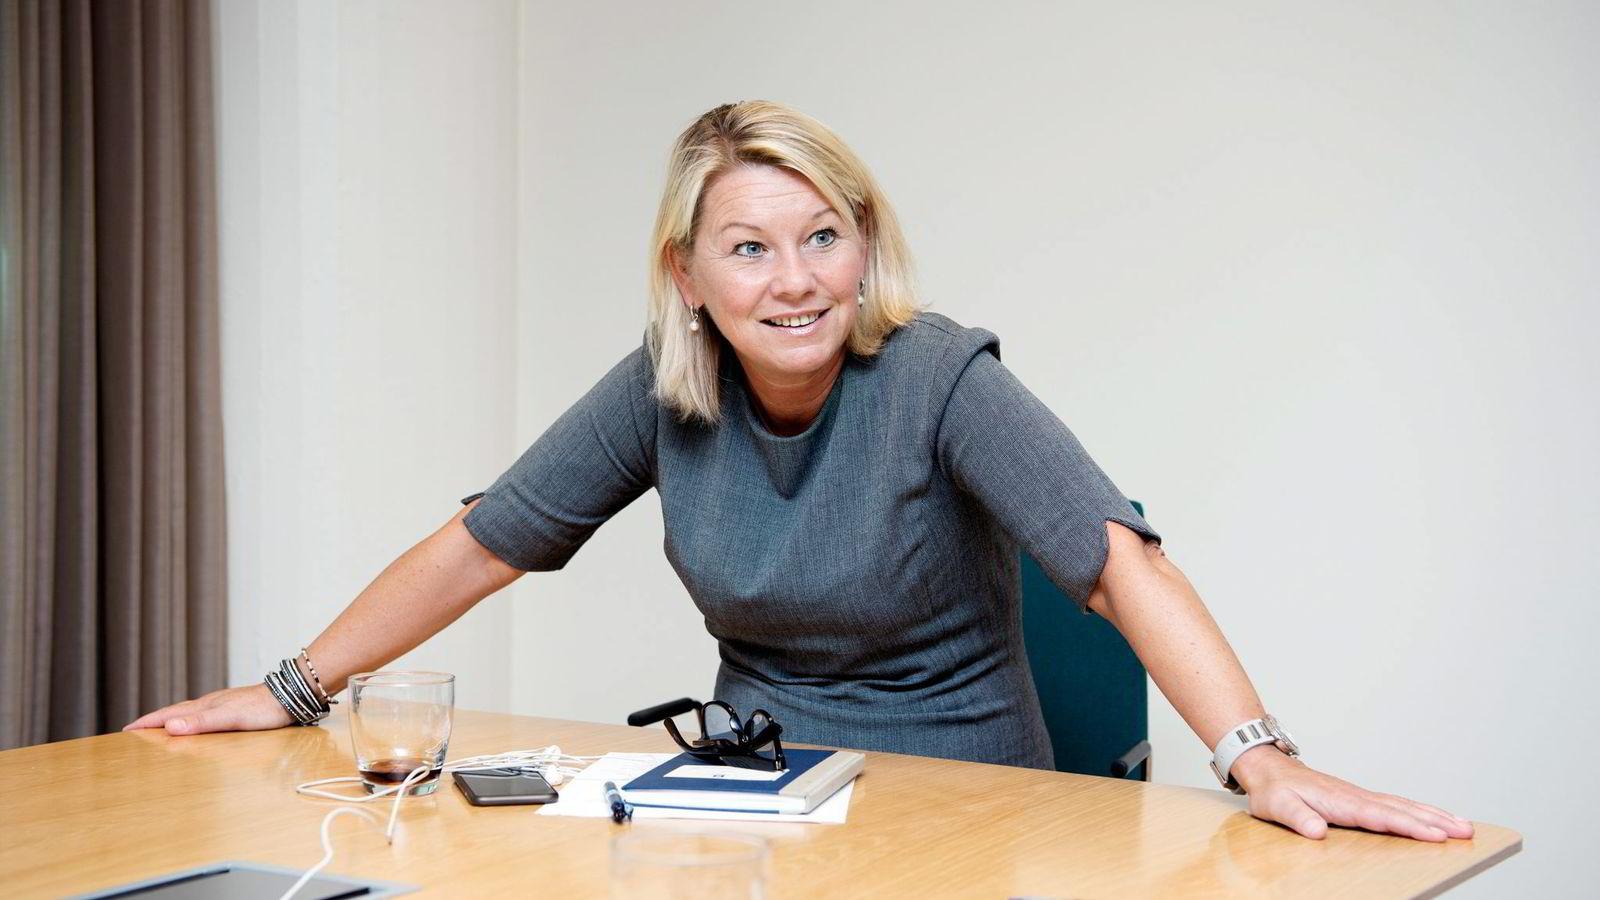 Næringsminister Monica Mæland (H) sier regjeringen kommer med forslaget fordi Investinor ikke har oppnådd målene sine. Intervju.